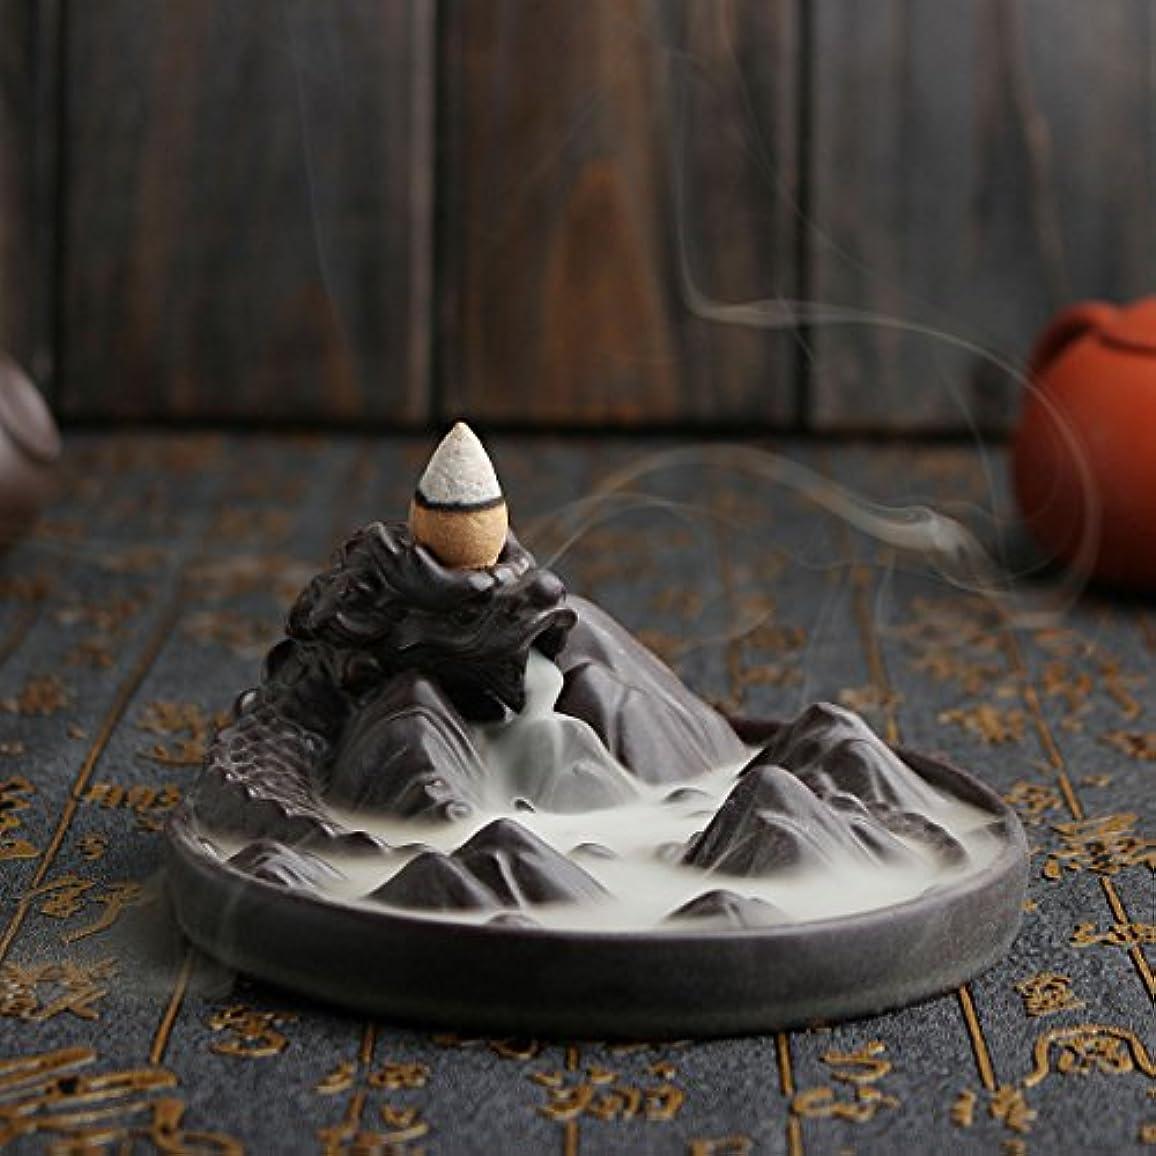 期間補助金できない(Dragon) - Jeteven Ceramic Dragon Backflow Incense Burner + 10 Incense Cones Dragon Incense Burner Holder Handicraft...